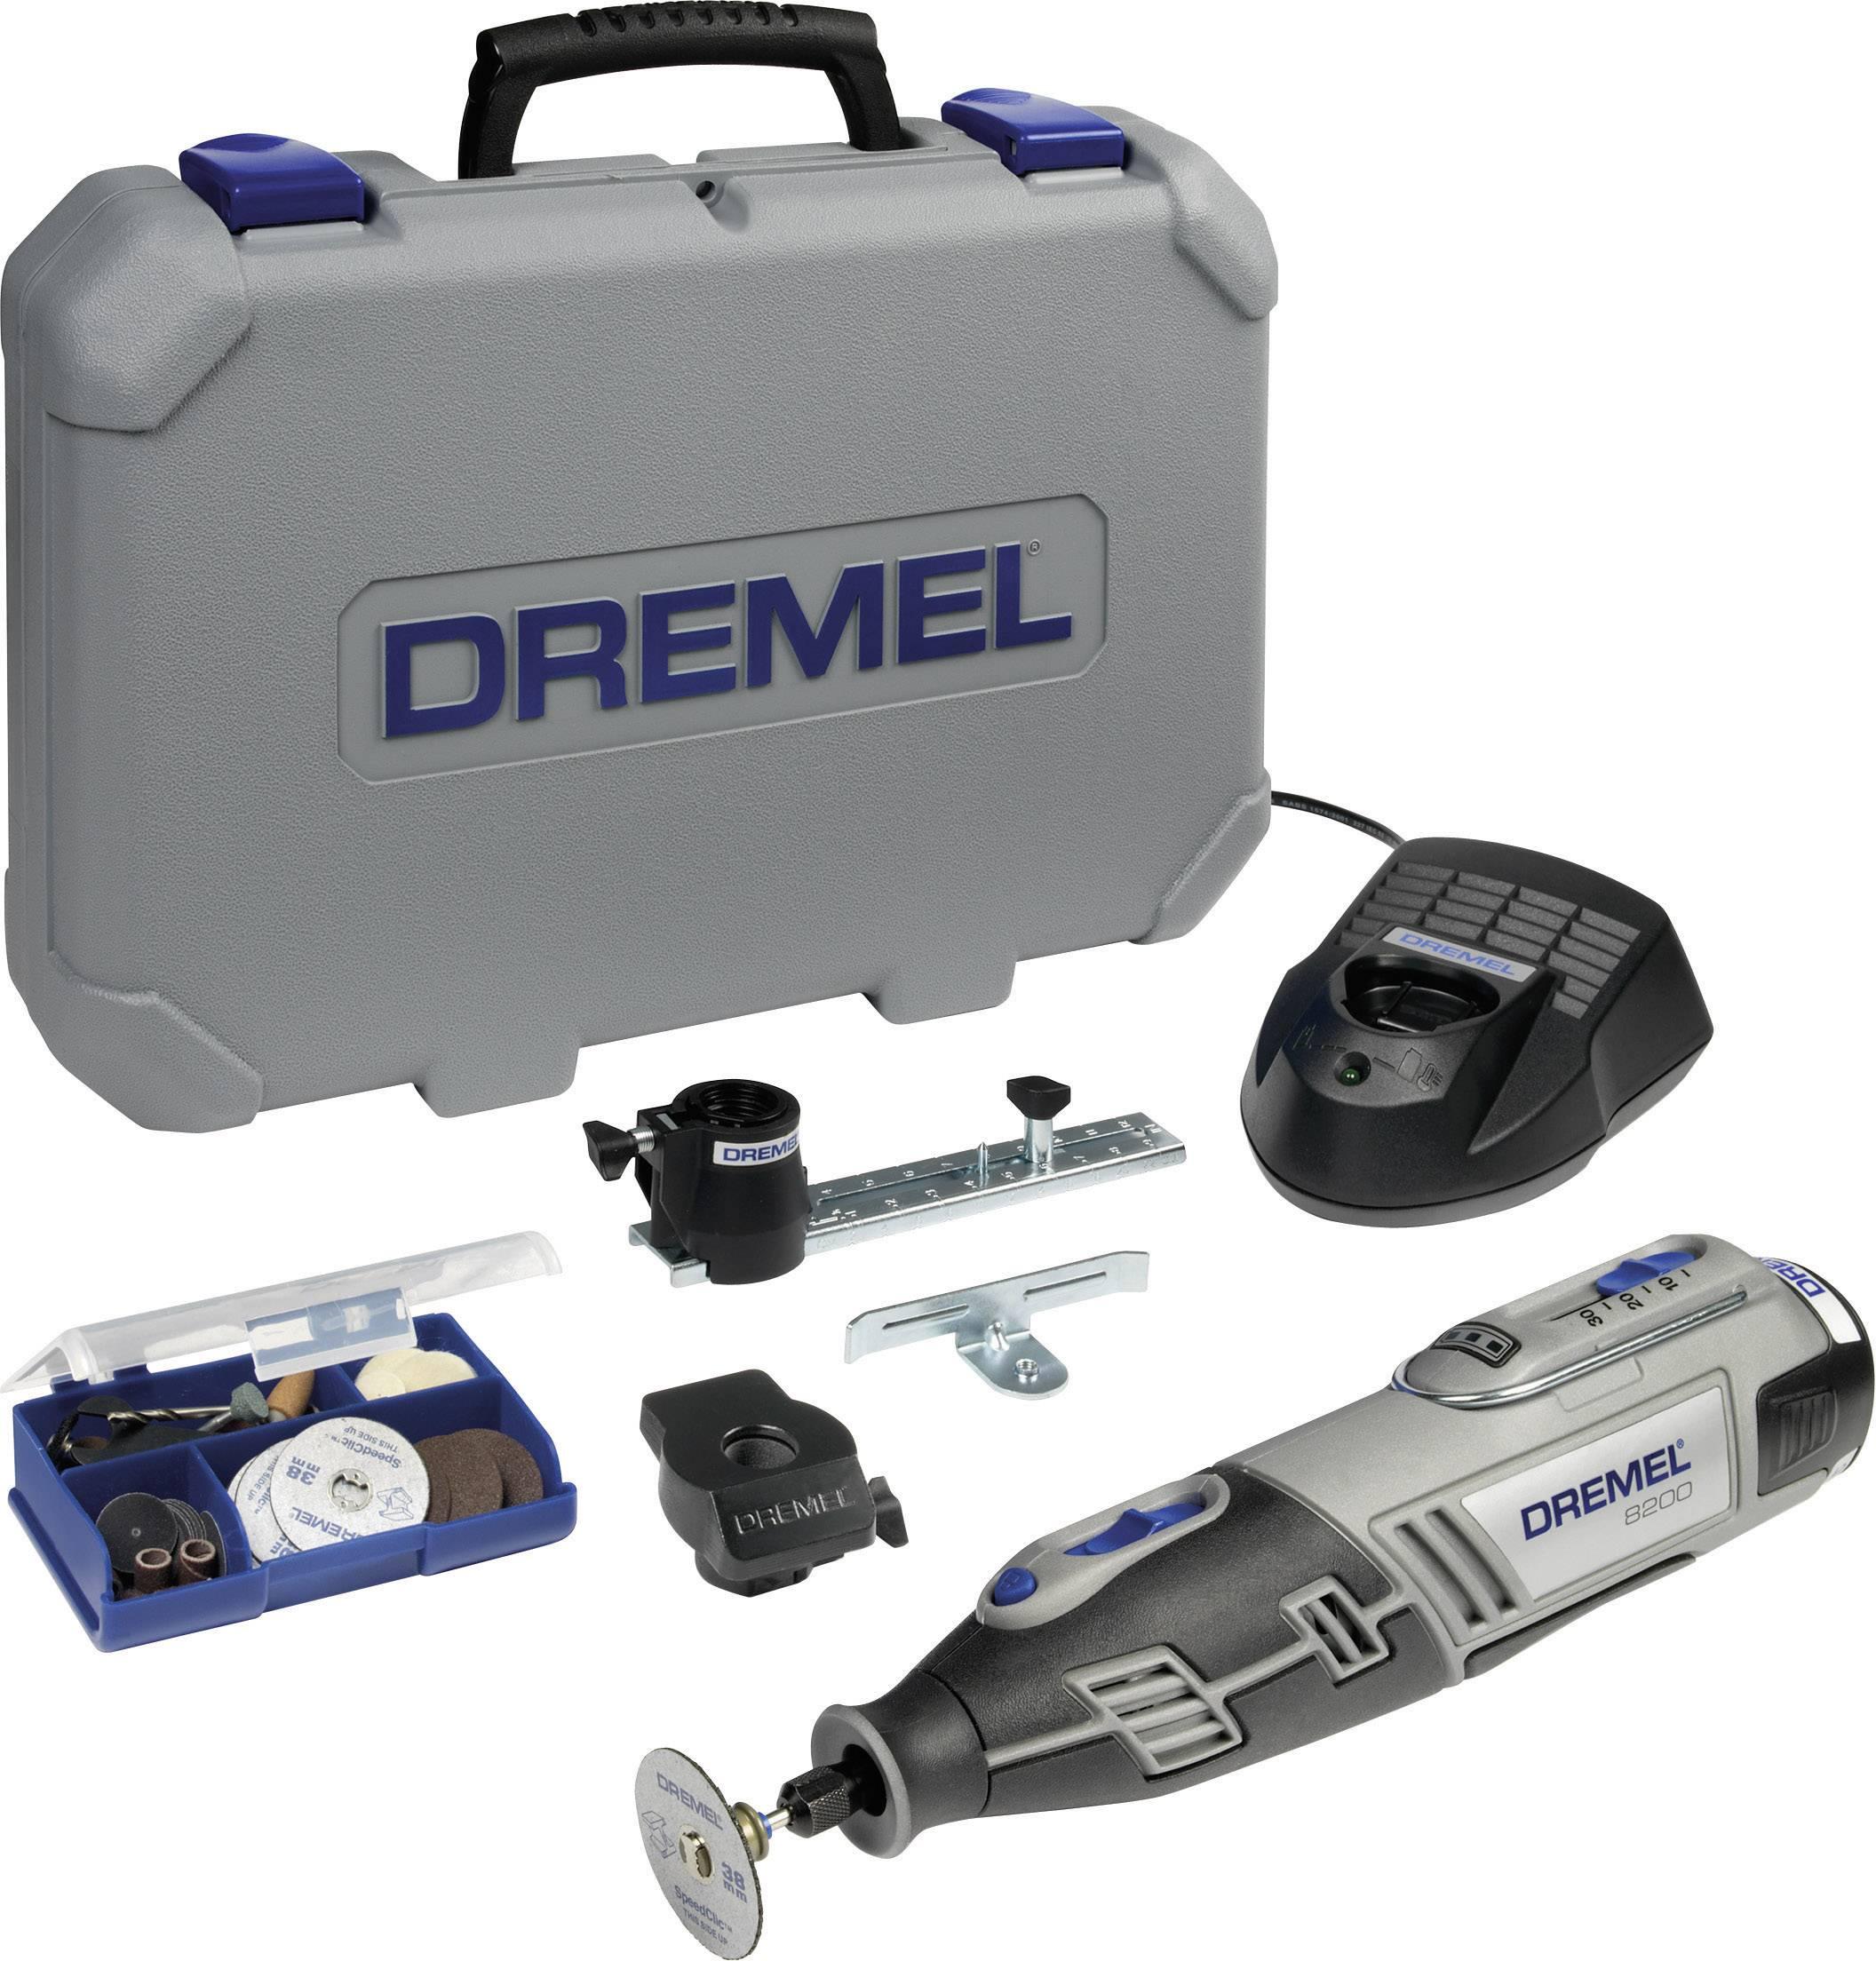 Multifunkčný nástroj Dremel 8200-2/45 F0138200JD, + akumulátor, + púzdro, vr. príslušenstva, 50-dielna